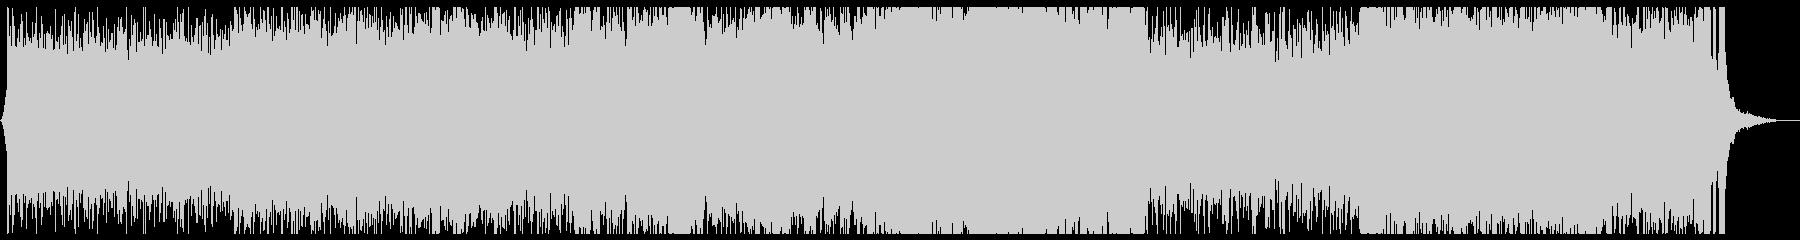 速いテンポの映画・ゲーム戦闘BGM3の未再生の波形